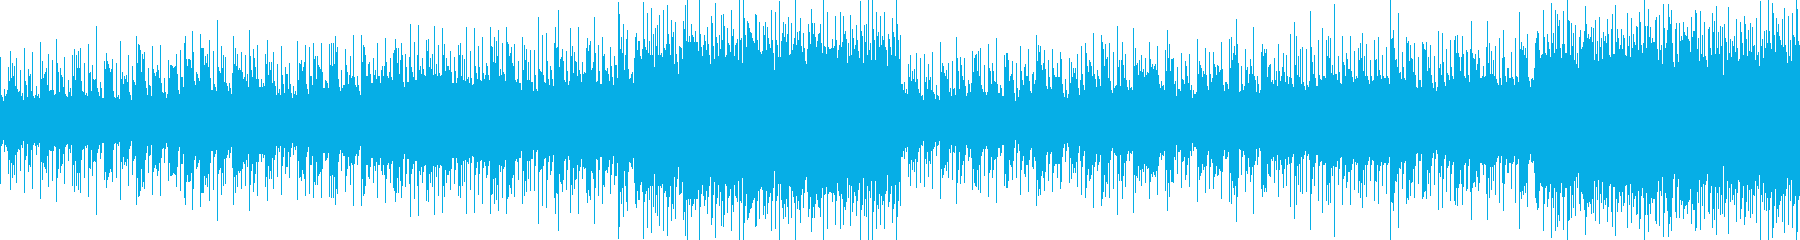 神秘的で異世界を感じるミステリアスな曲の再生済みの波形